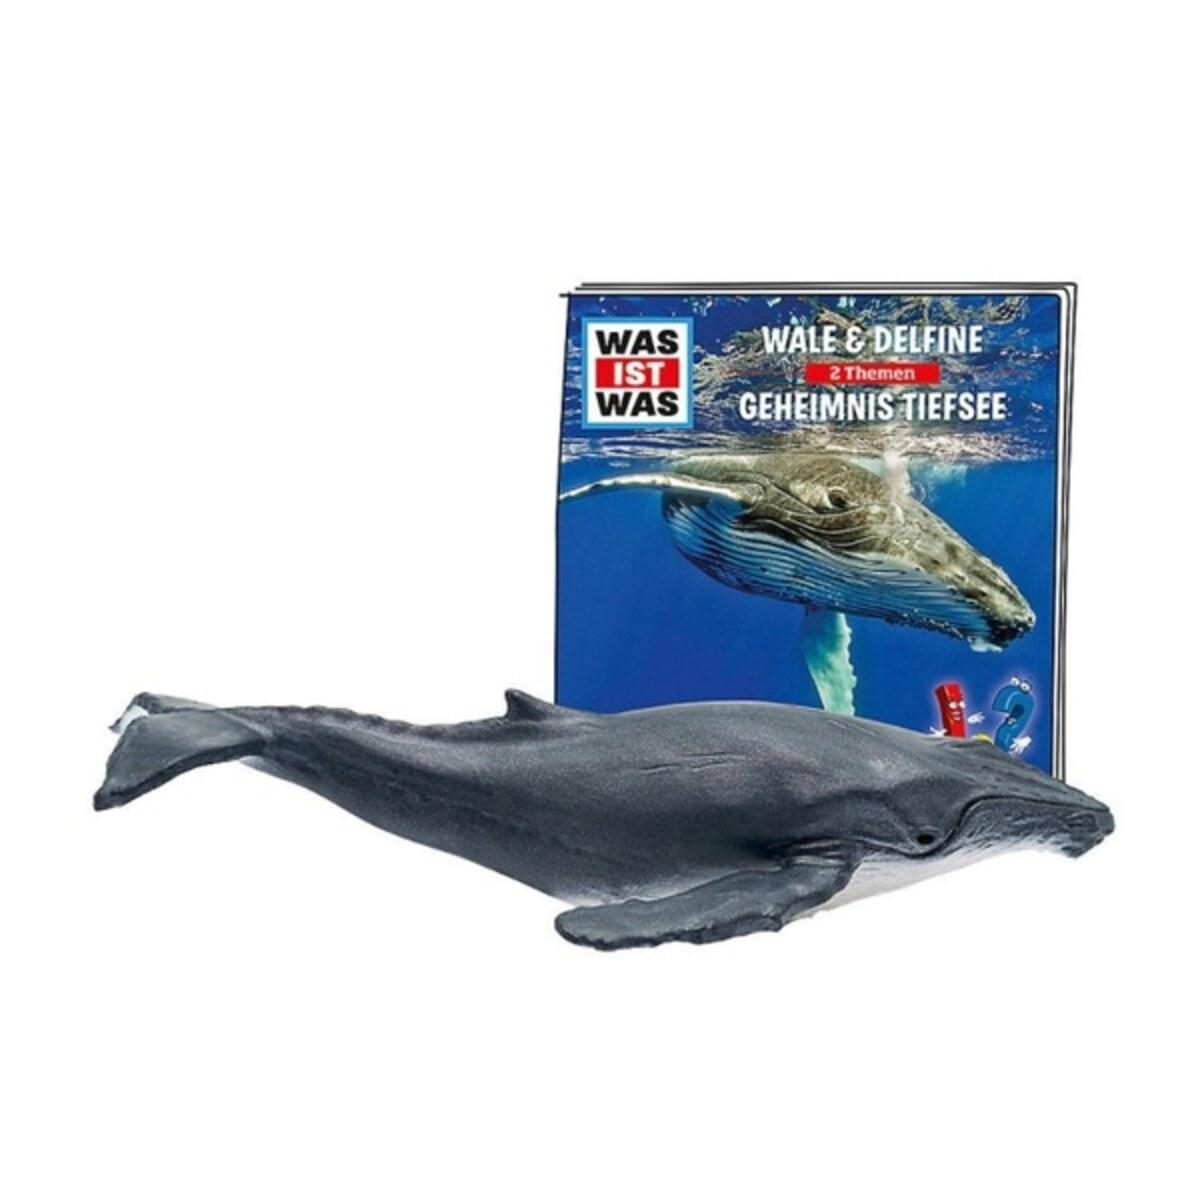 Bild 2 von Tonies Figur Was ist Was Wale & Delfine: Geheimnisse Tiefsee